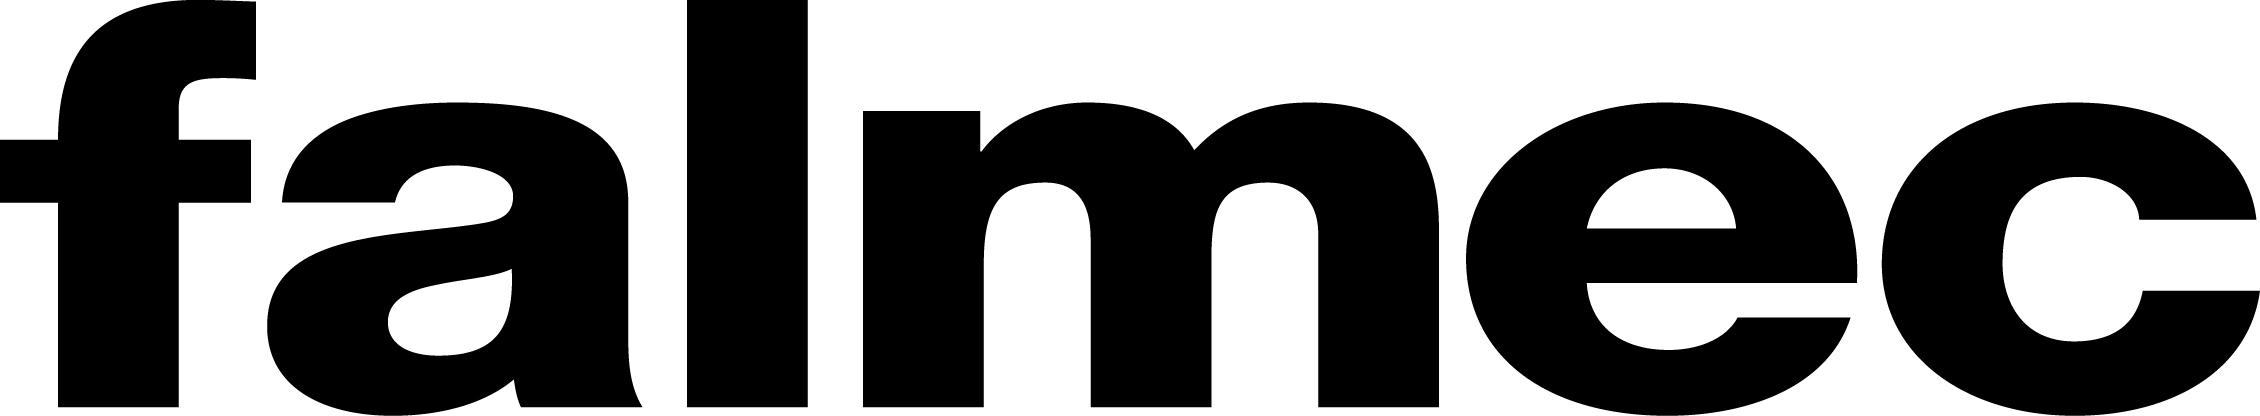 Marchi arredamento arredamenti neziosi for Logo arredamento